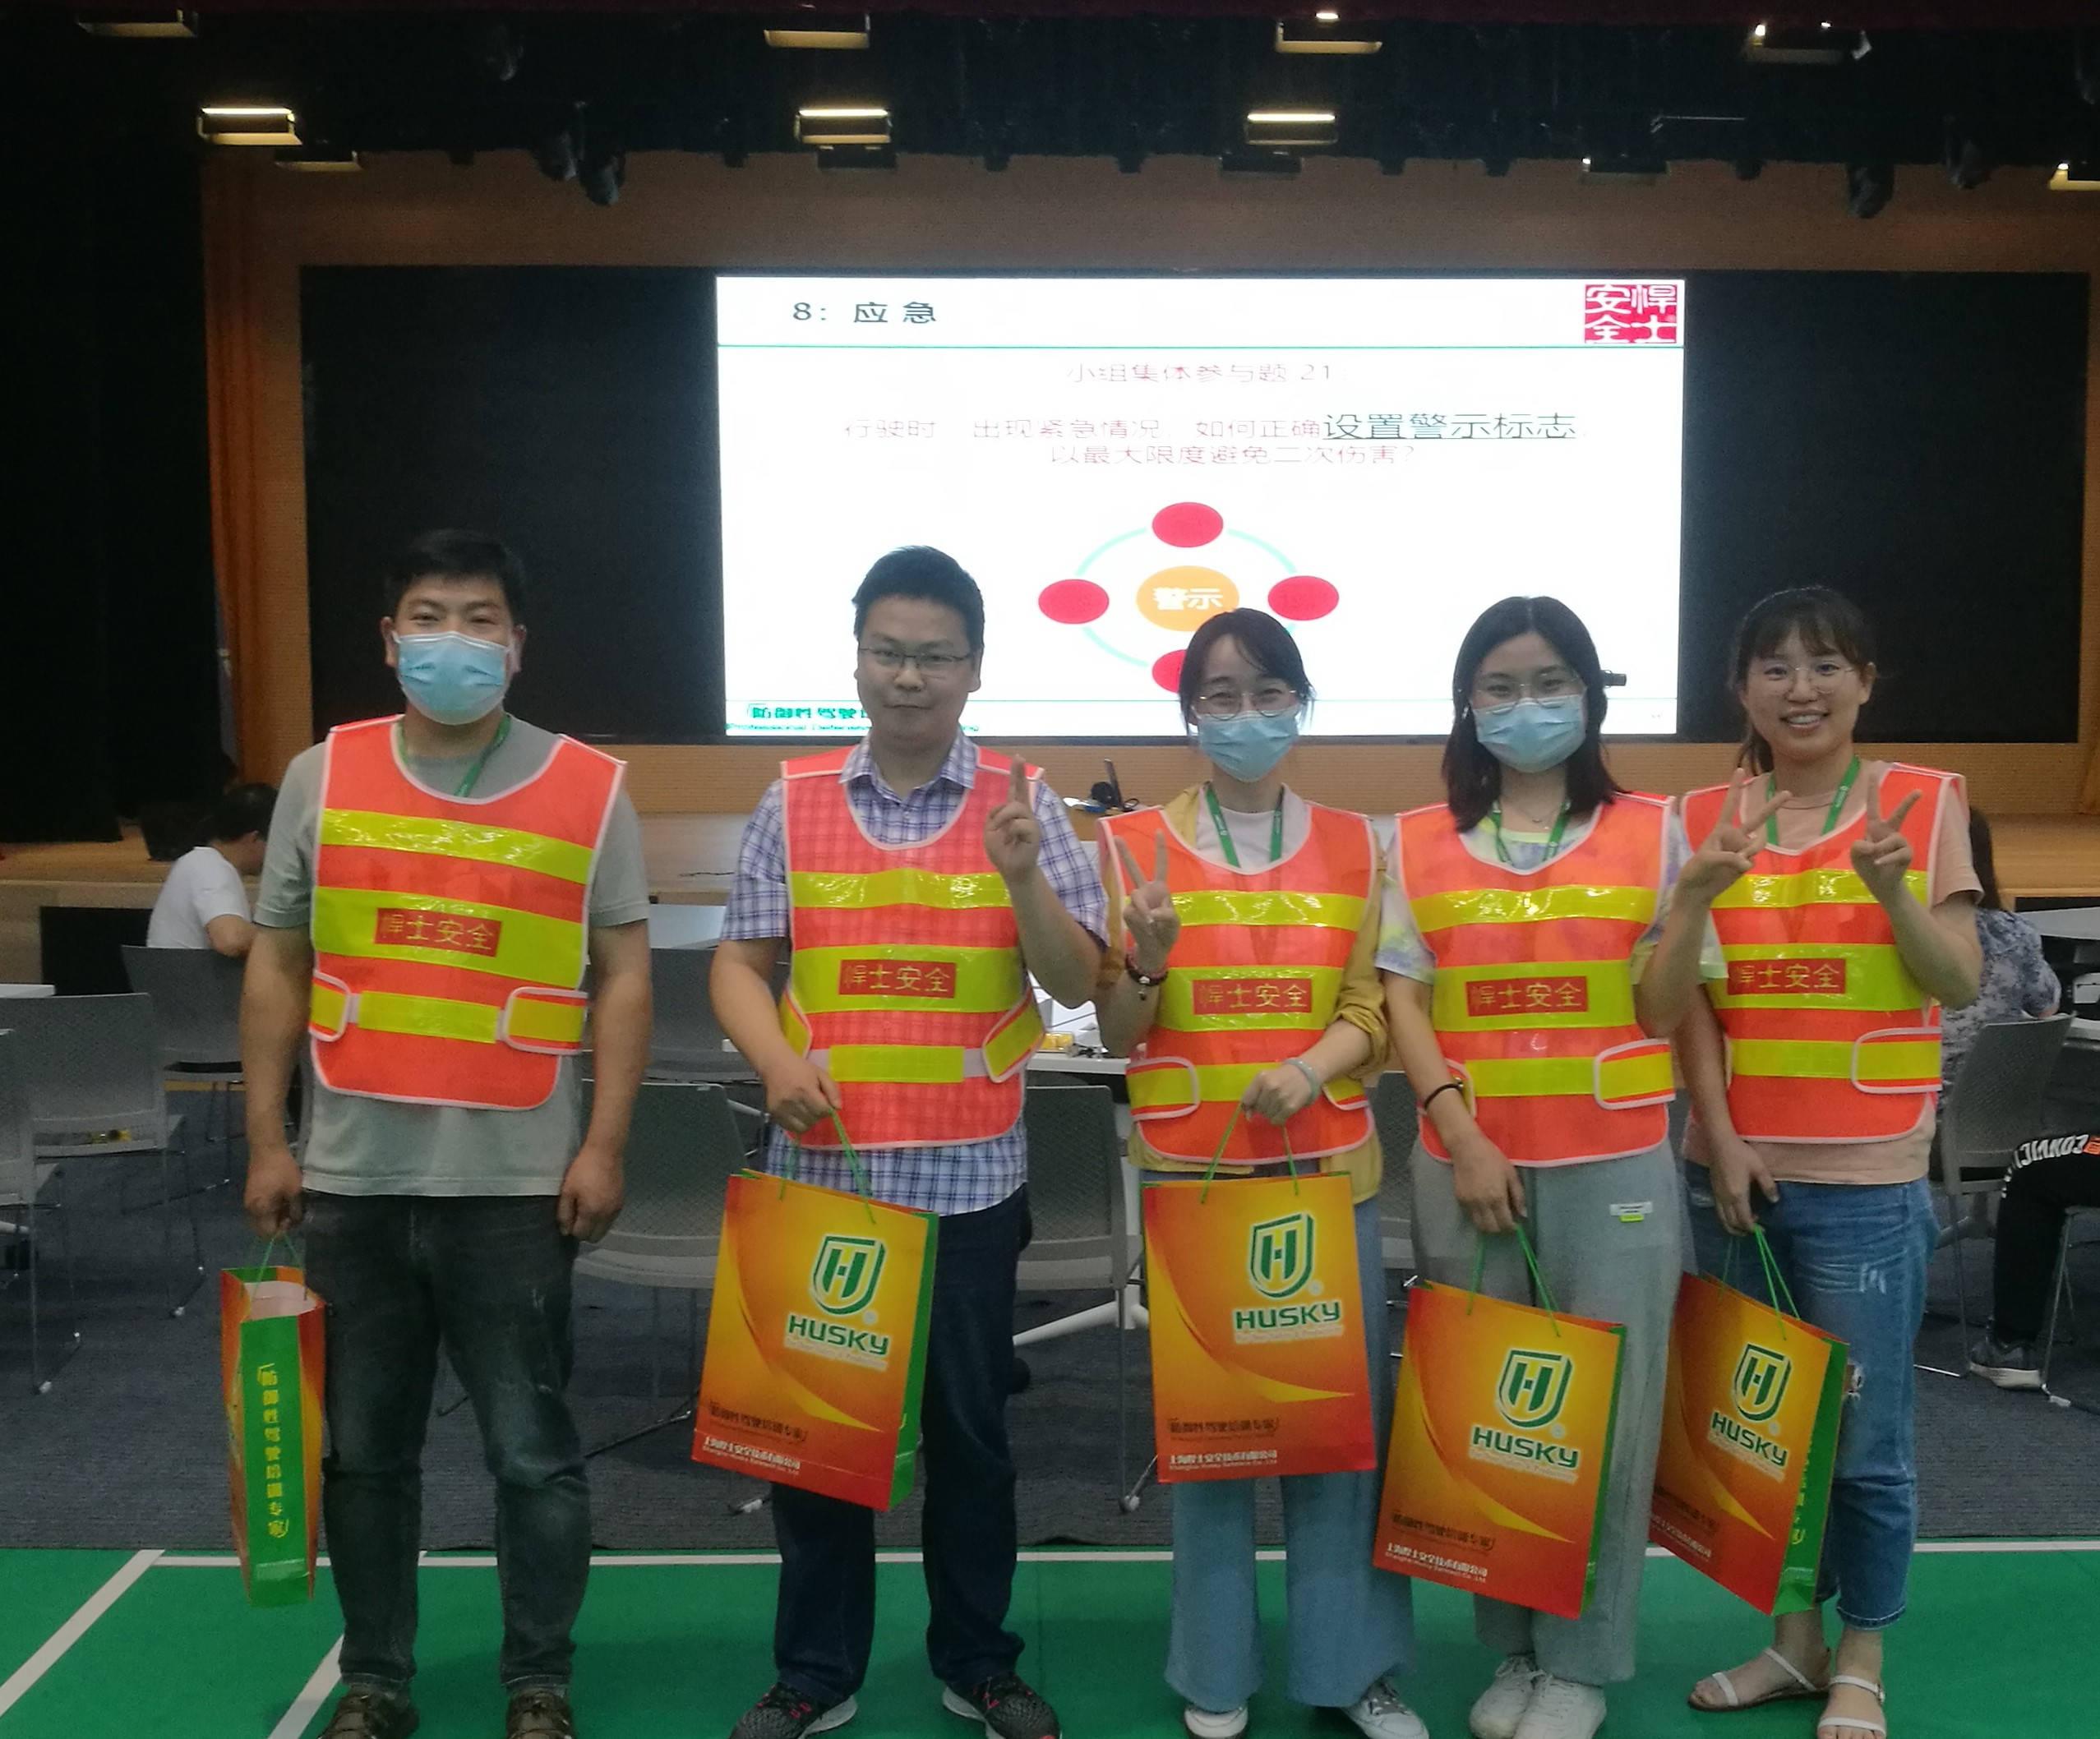 金斯瑞生物科技举办道路安全日活动